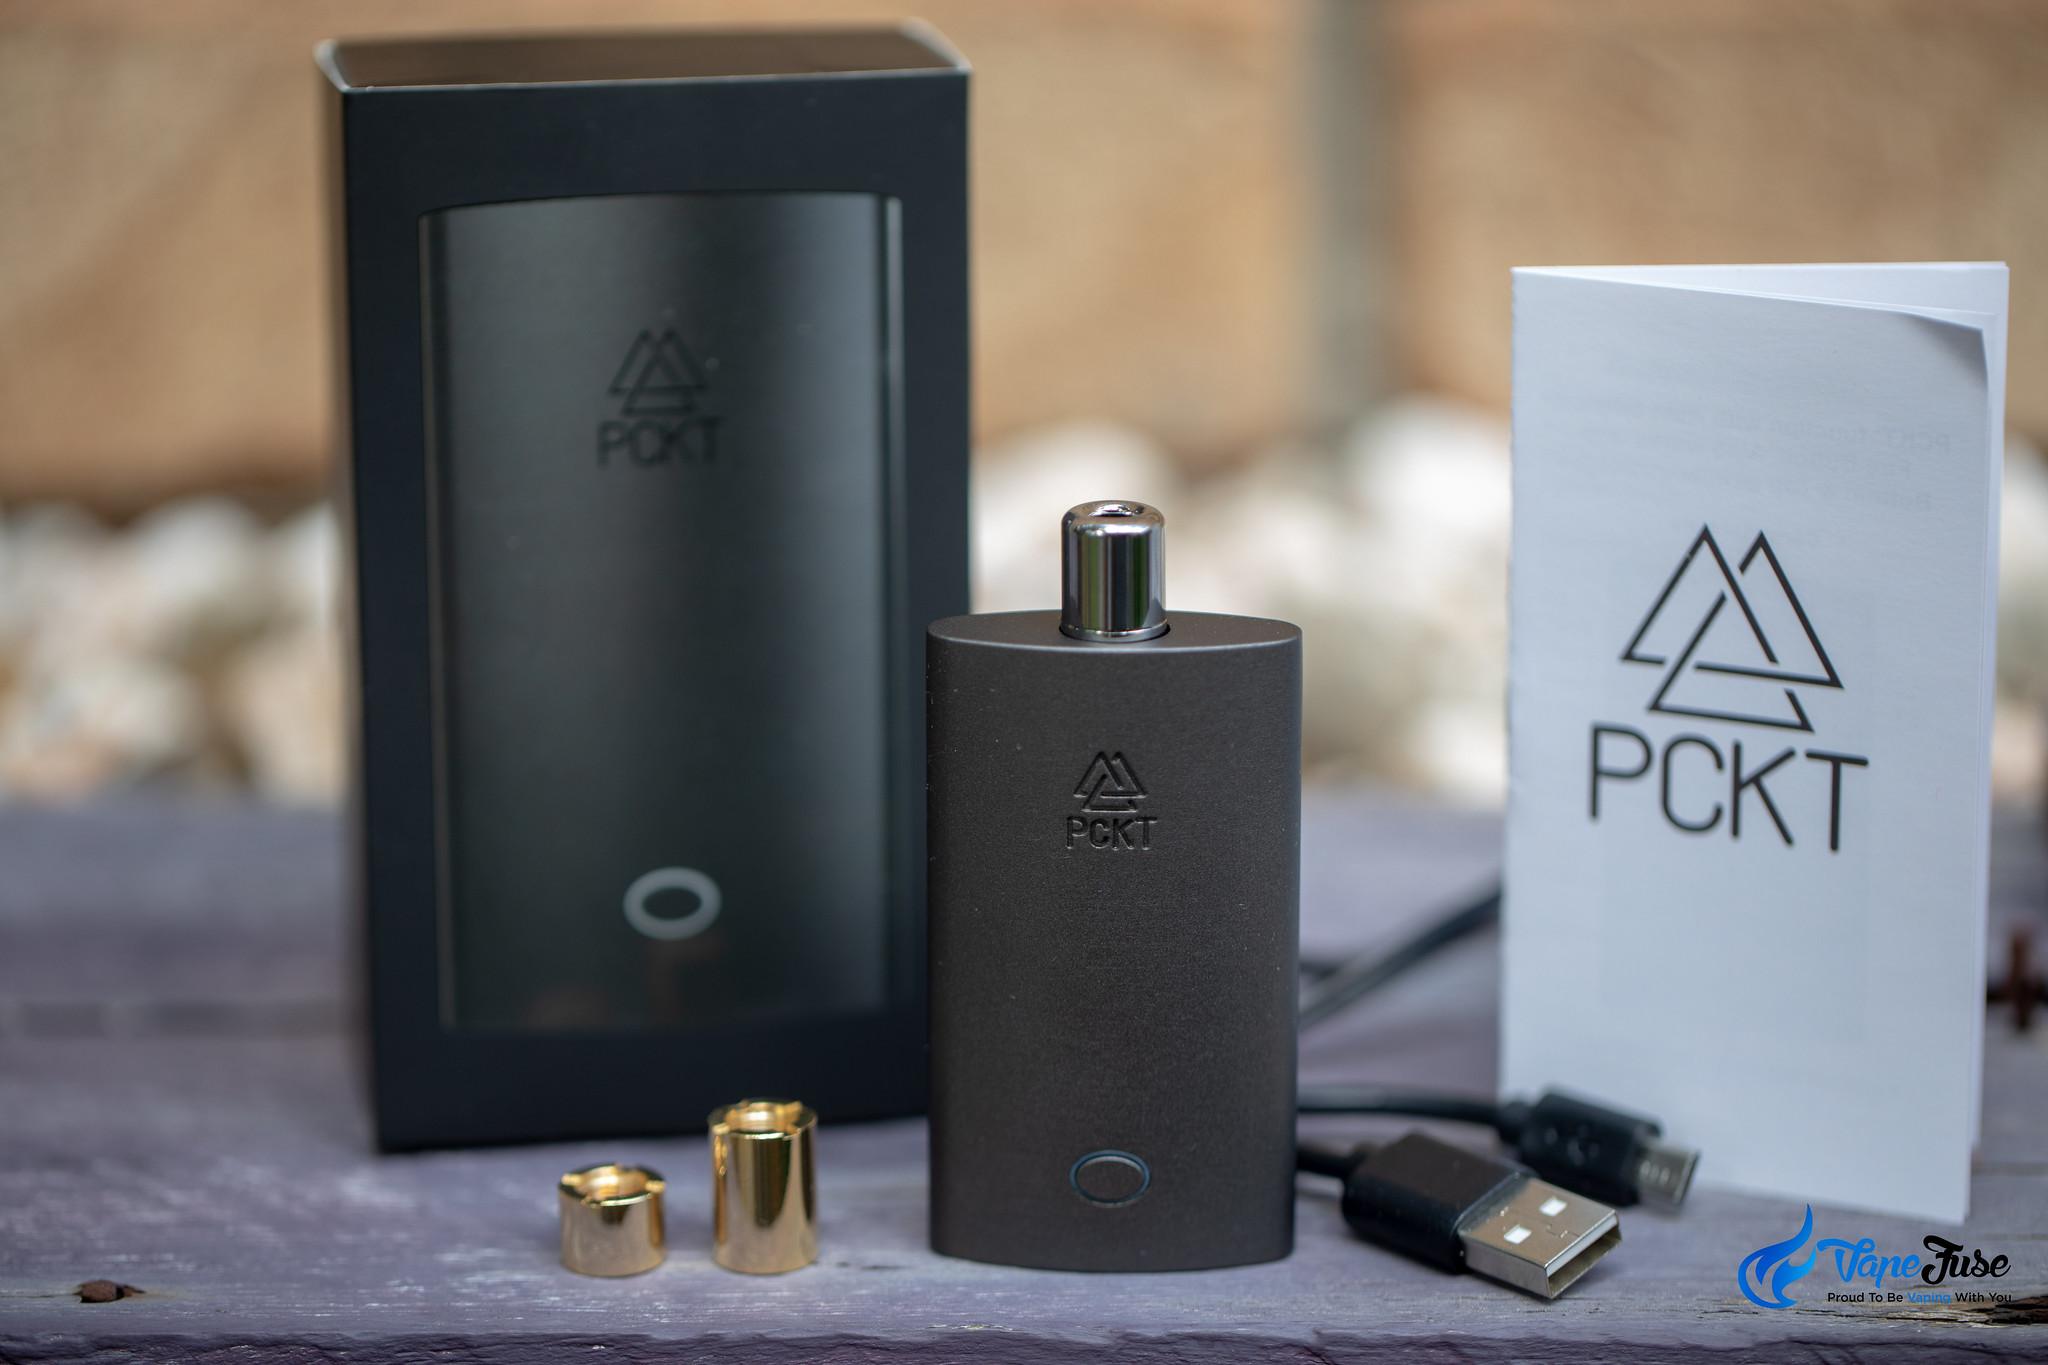 PCKT One Plus Vapor Unit kit